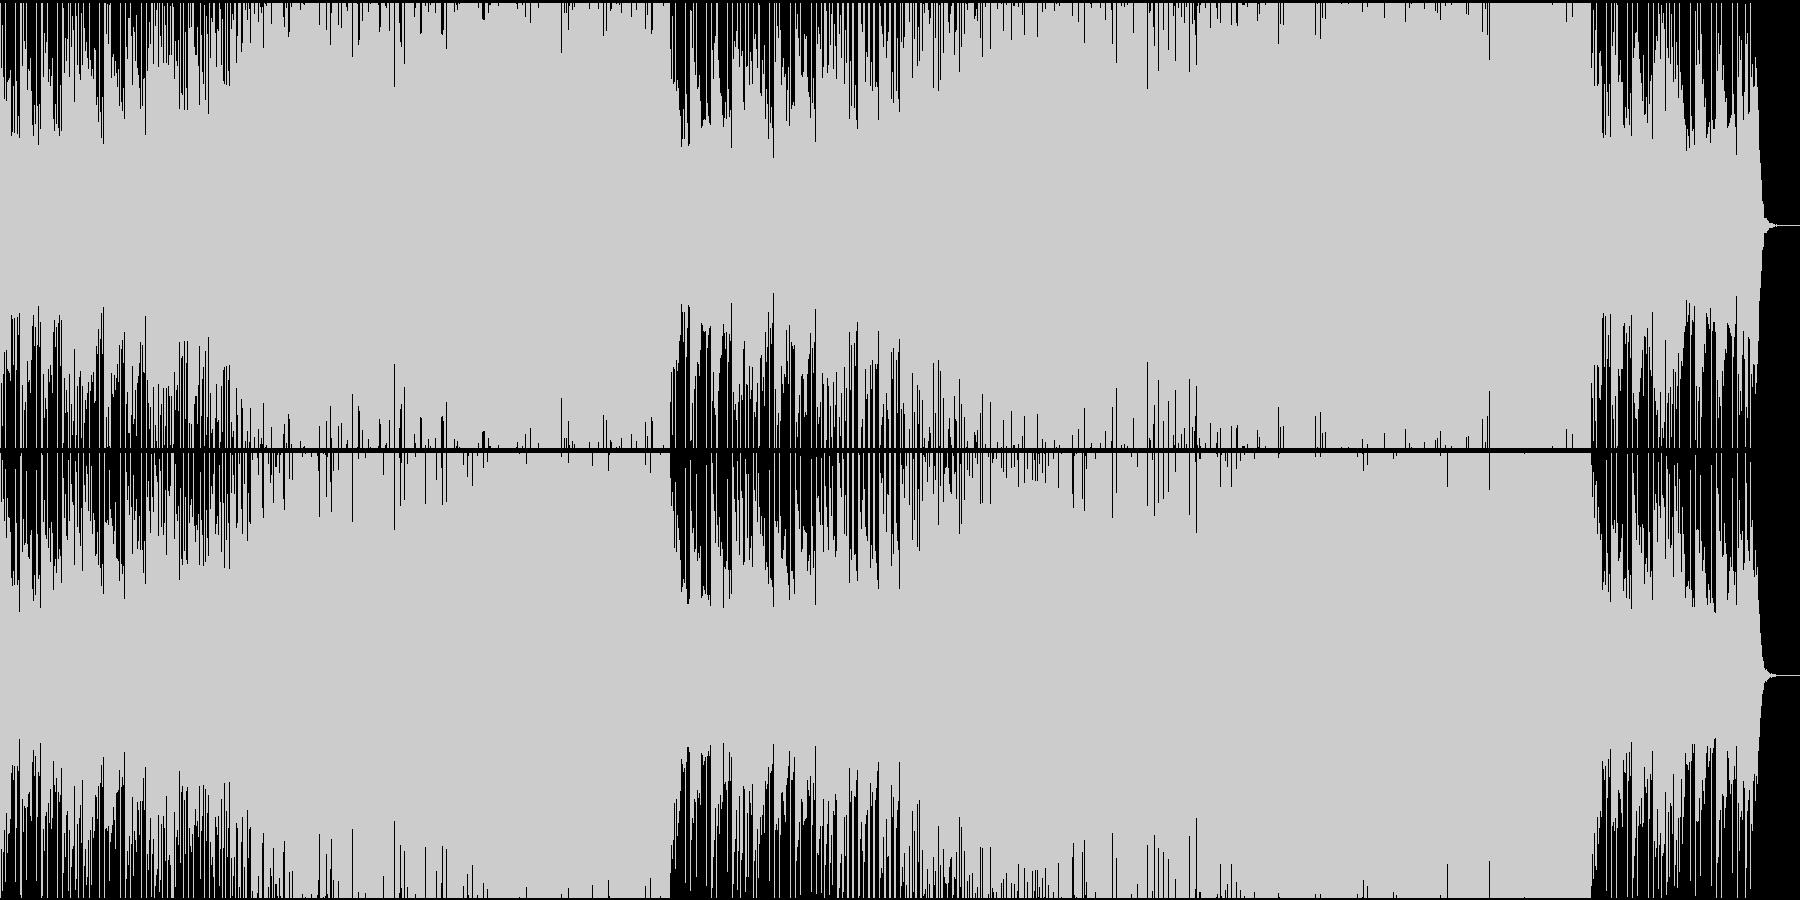 Vlog・洋楽トロピカルハウス・EDM♫の未再生の波形